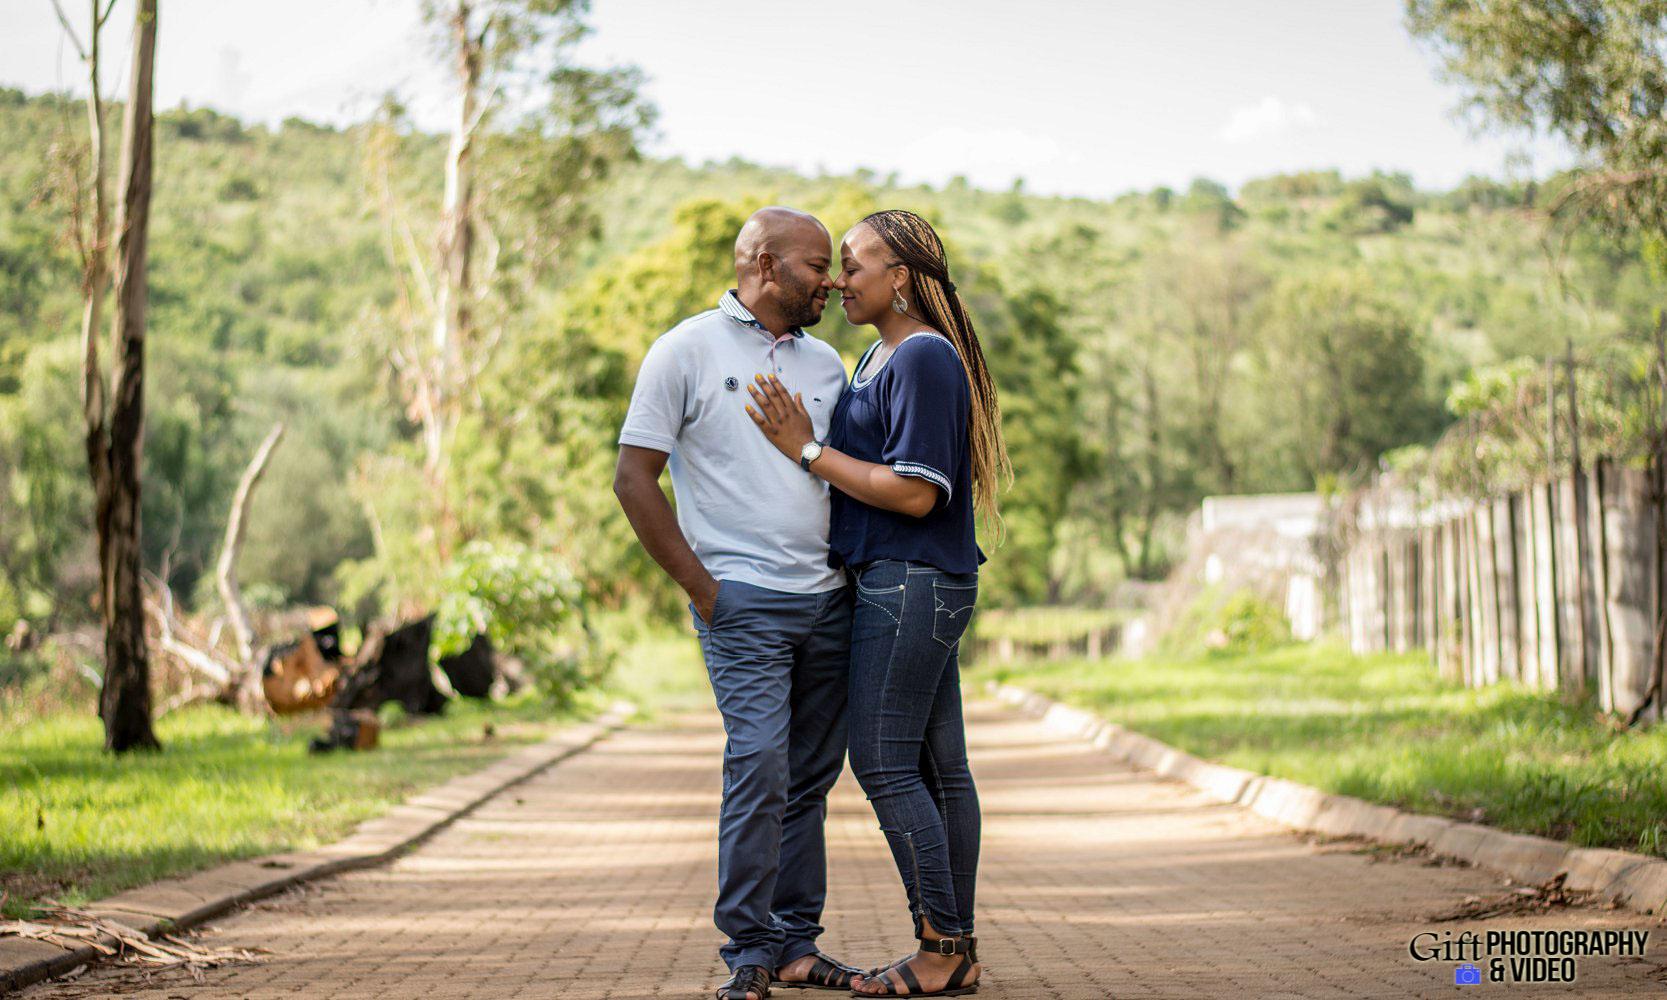 Siphiwe & Kholofelo Engagement Shoot Little falls-1